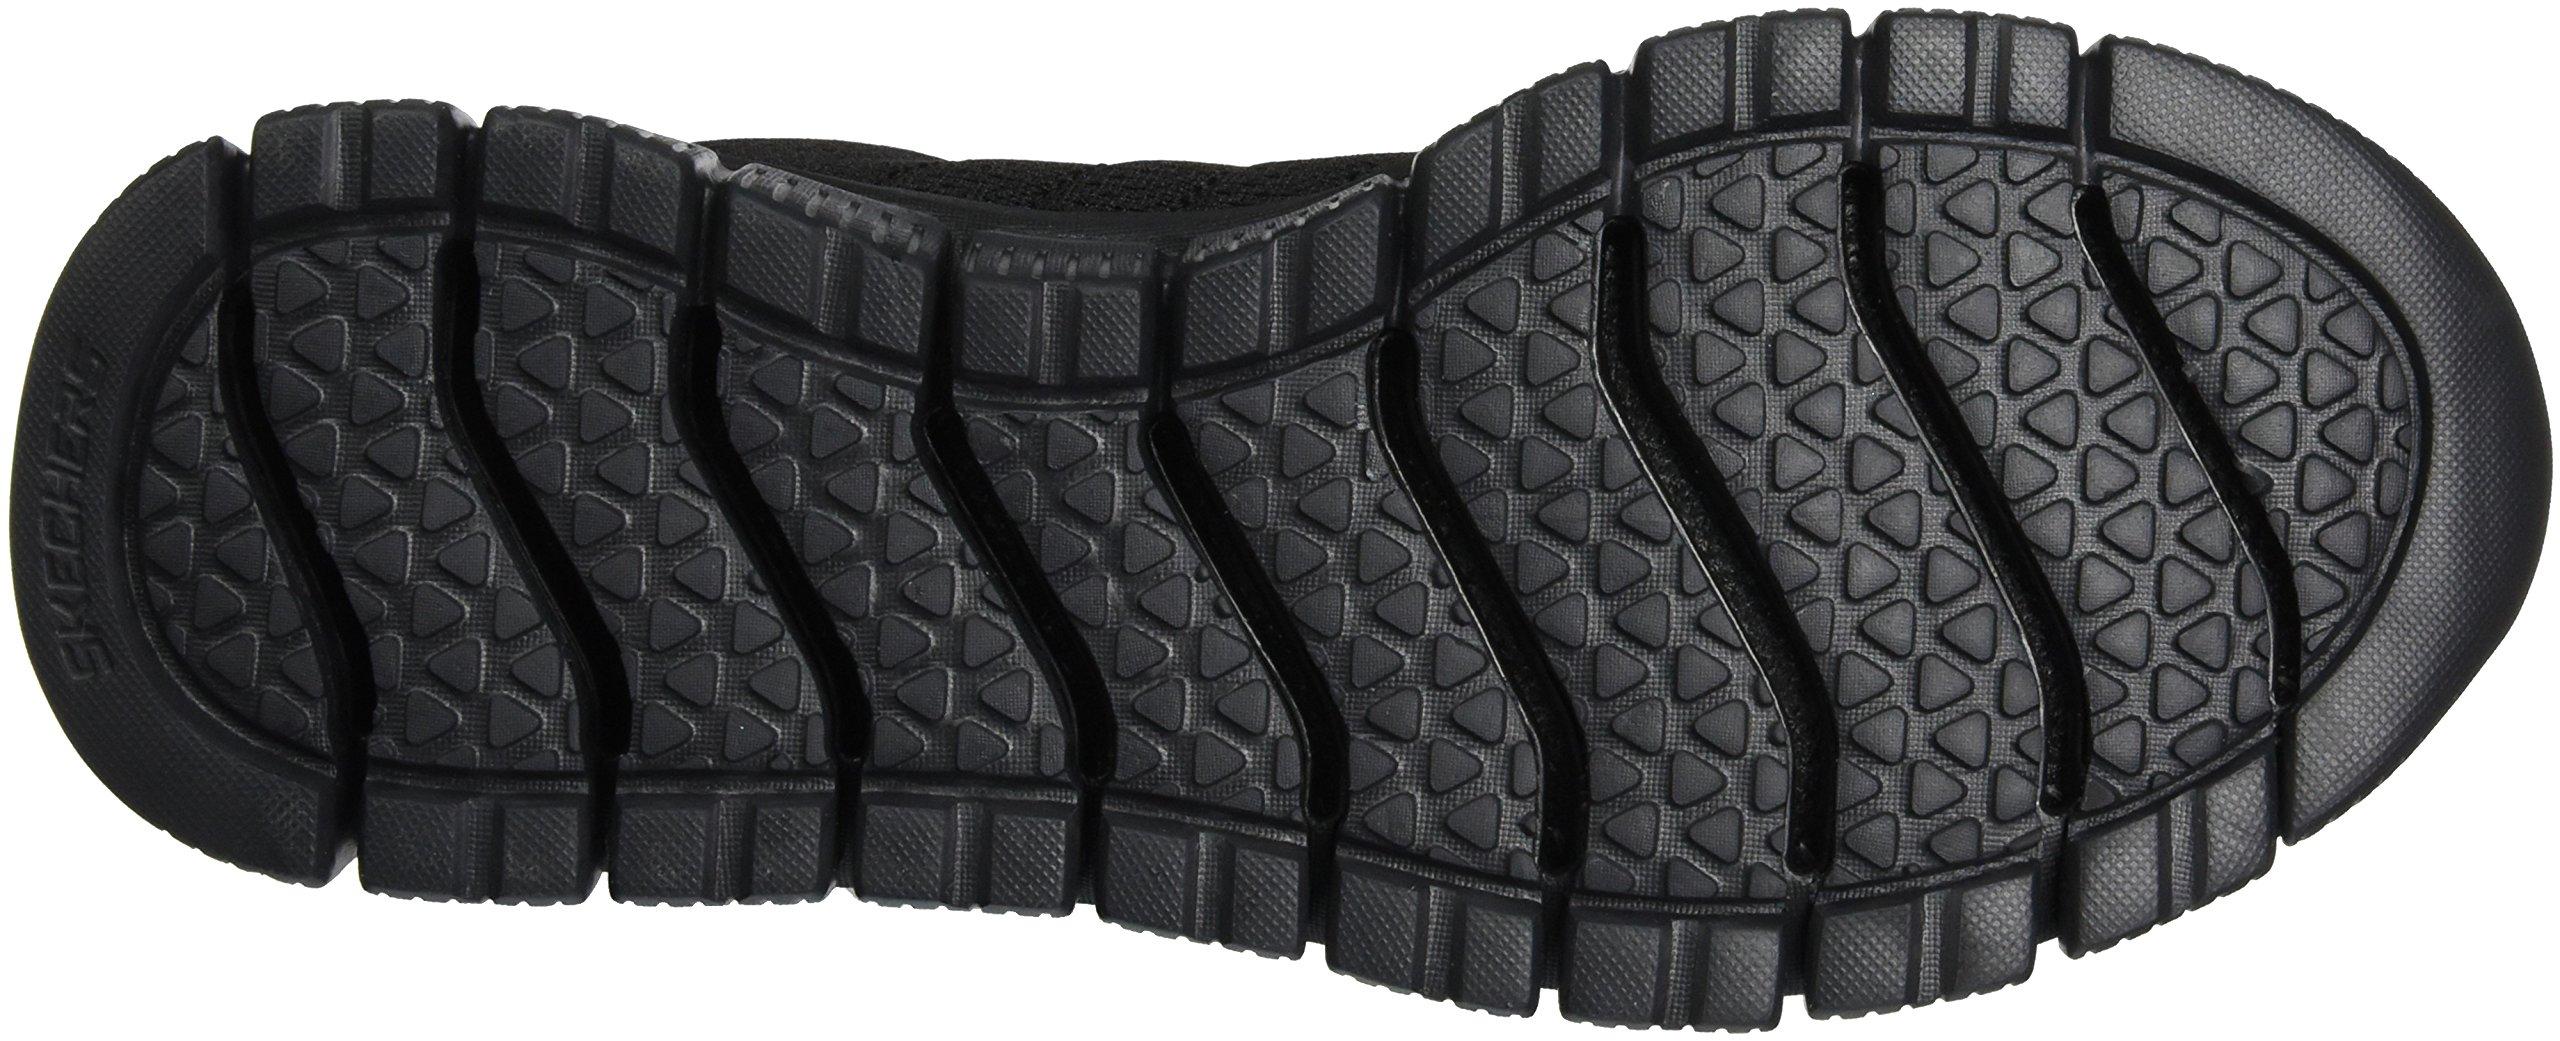 Skechers Sport Men's Skech Flex 2.0 Milwee Fashion Sneaker,Black,9 M US by Skechers (Image #3)